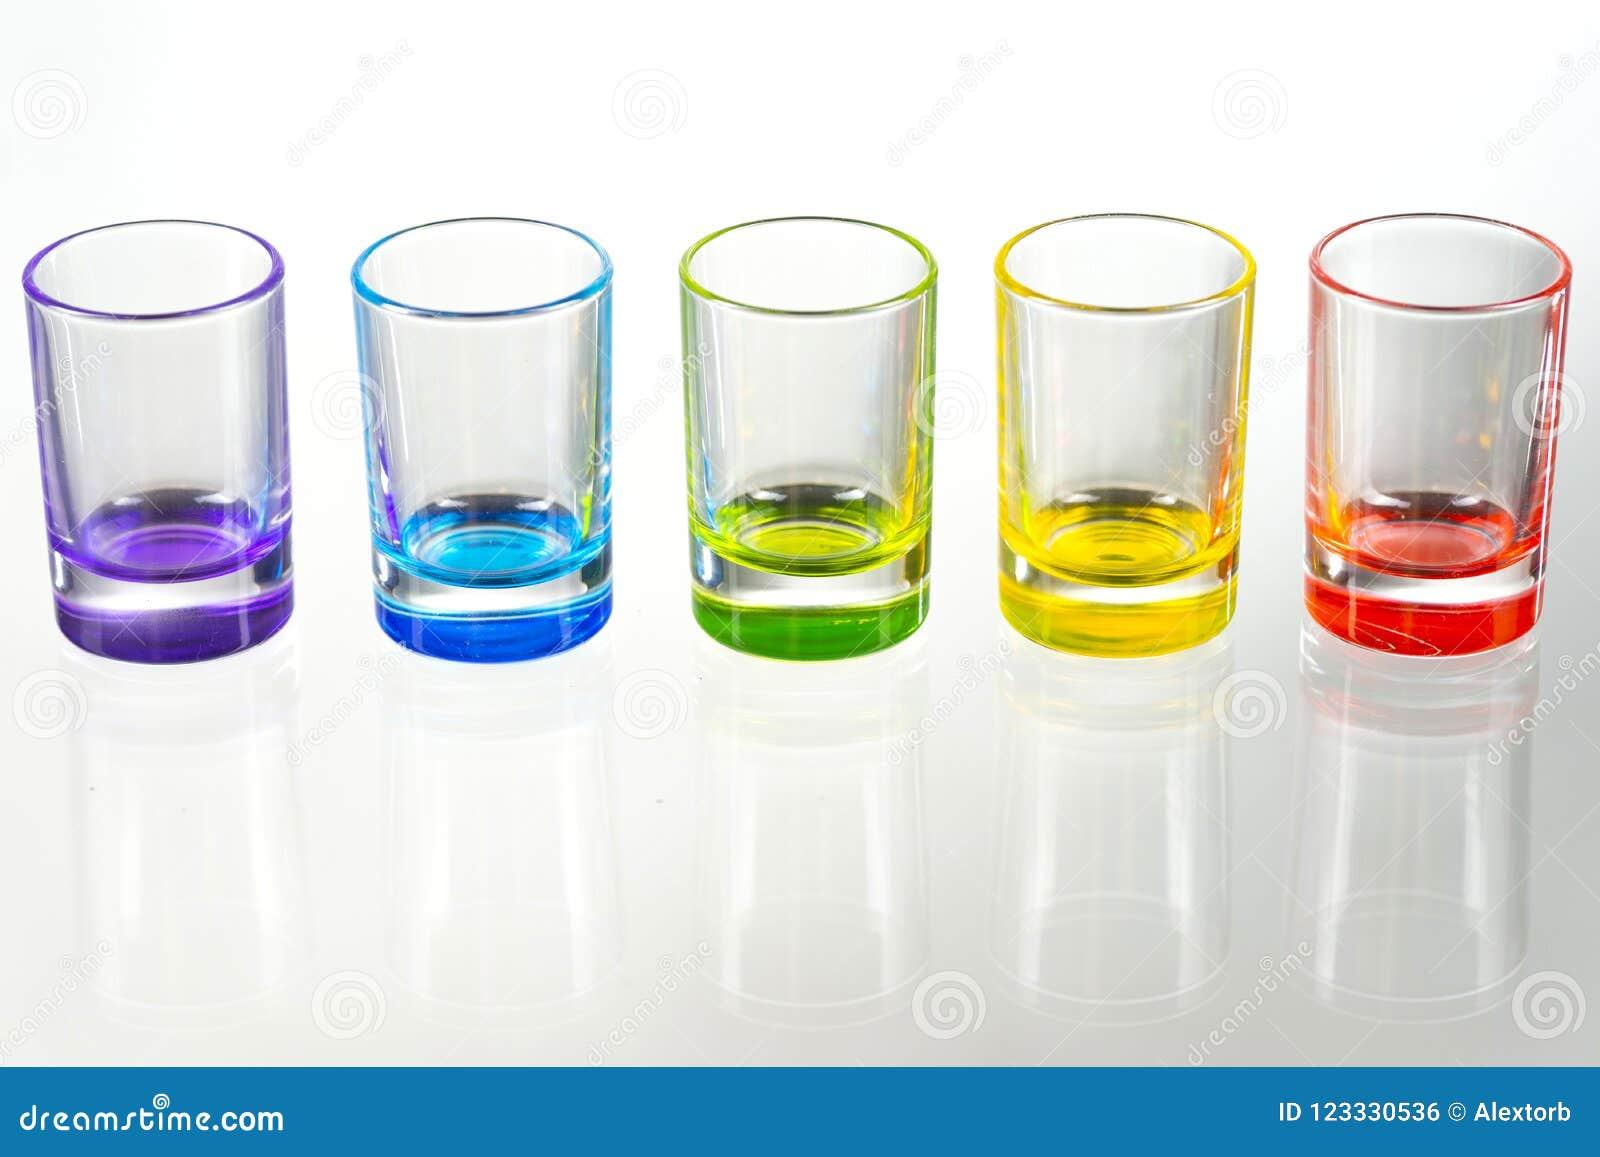 Cinco vasos de medida vacíos multicolores colocados simétricamente en un w